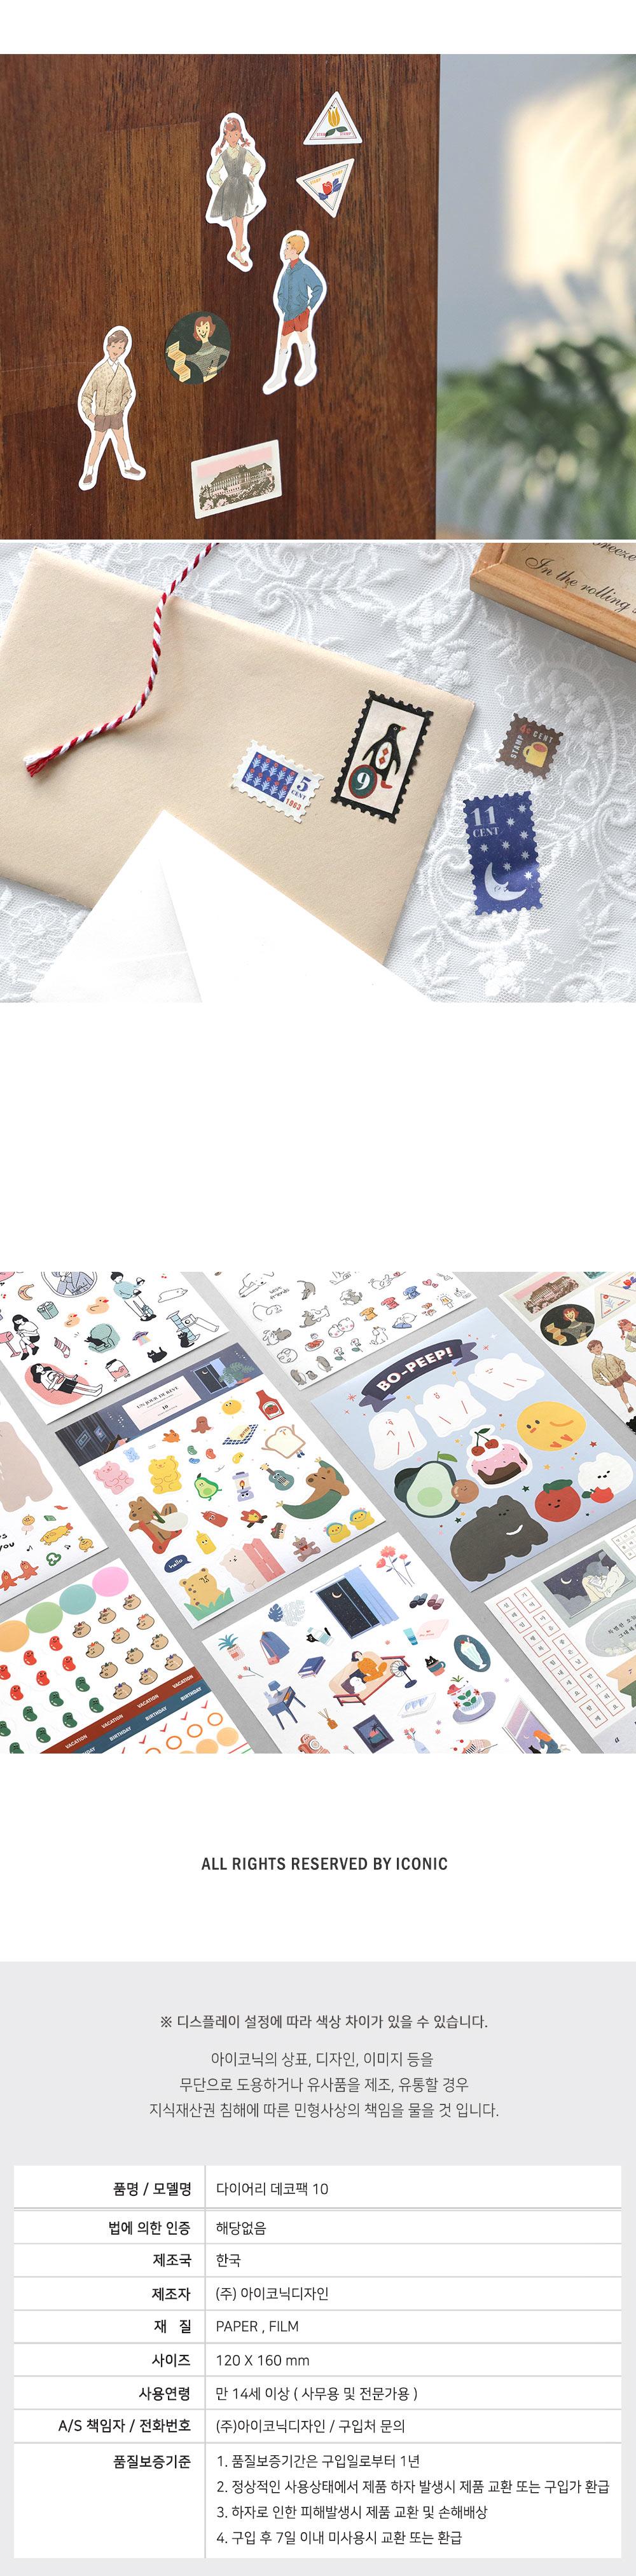 아이코닉 다이어리 데코팩 v10 - 아이코닉, 4,800원, 스티커, 스티커 세트/스티커 팩